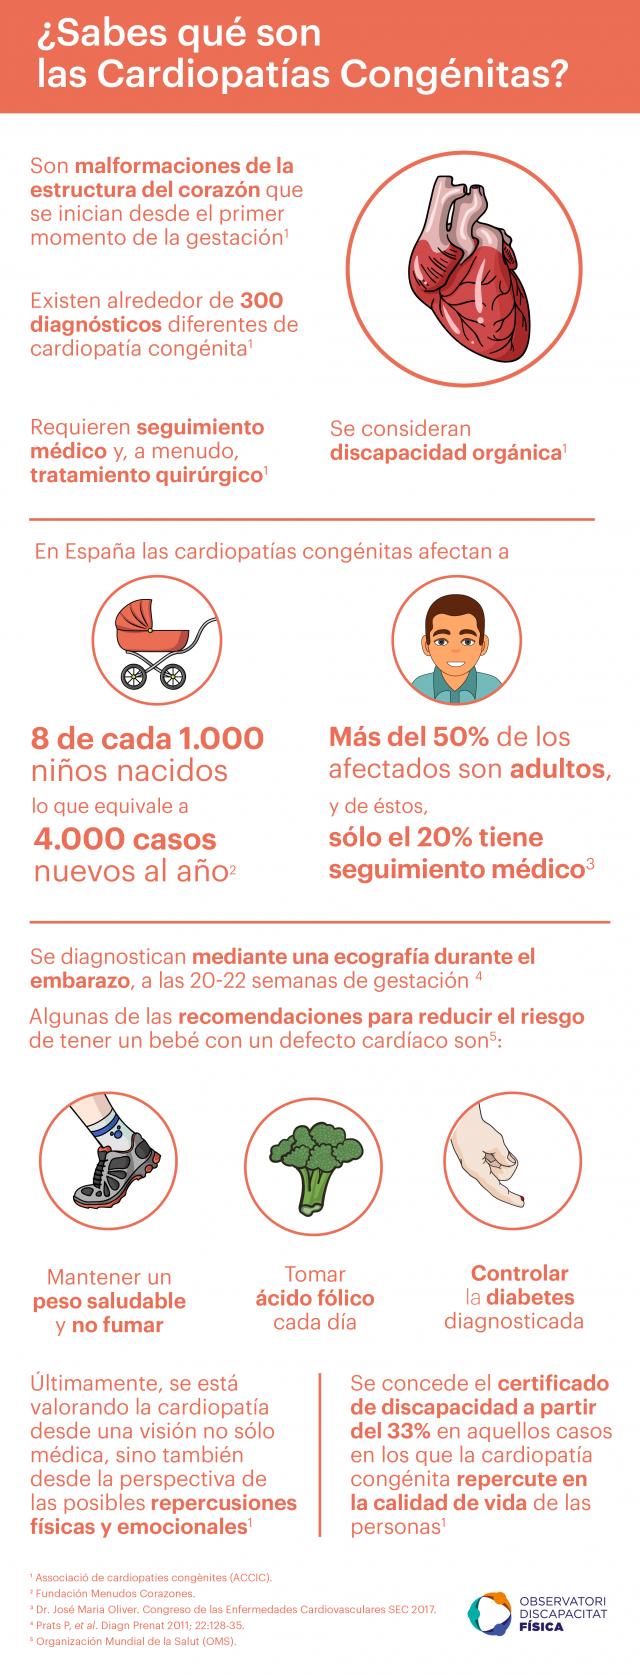 ¿Sabes qué son las Cardiopatías Congénitas?